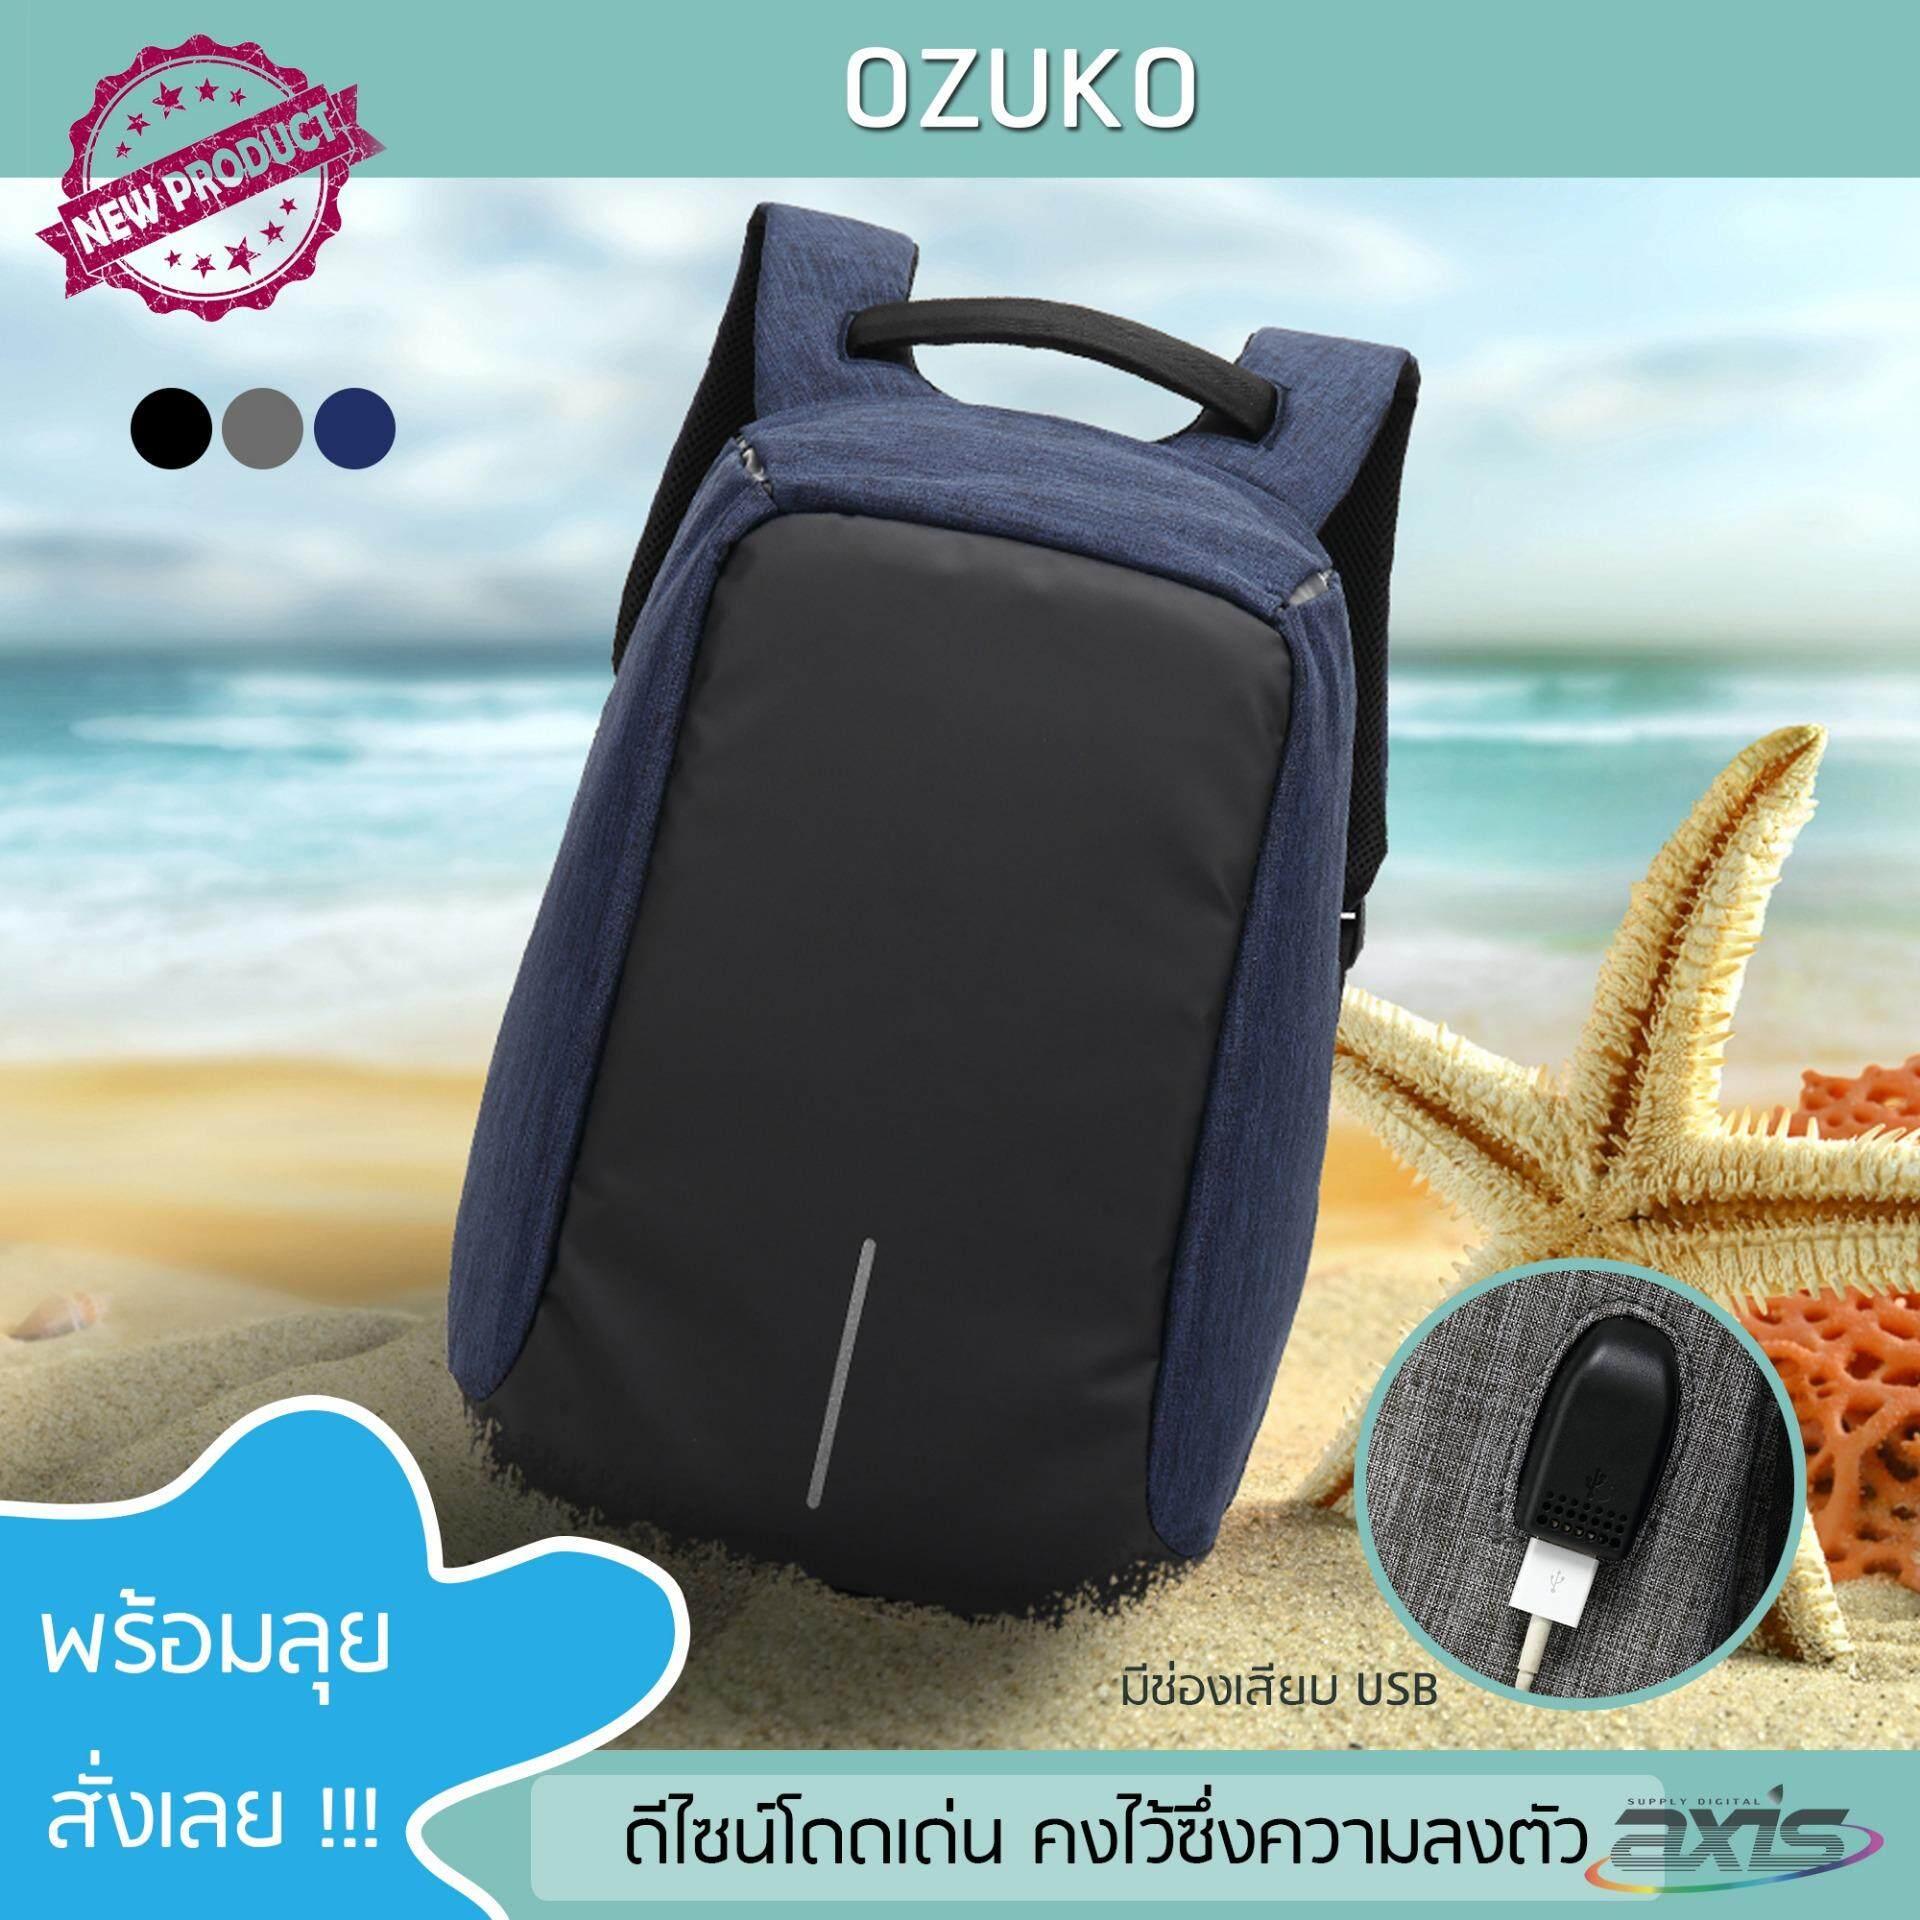 ส่วนลด Ozuko กระเป๋าหลังเต่า มี Usb Port ชาร์จโทรศัพท์ คงทนแข็งแรงใส่ของได้เยอะมีช่องซิปภายใน Notebook แฟ้มเอกสาร เสื้อผ้า โทรศัพท์มือถือ อื่นๆ สีน้ำเงิน Ozuko ใน กรุงเทพมหานคร